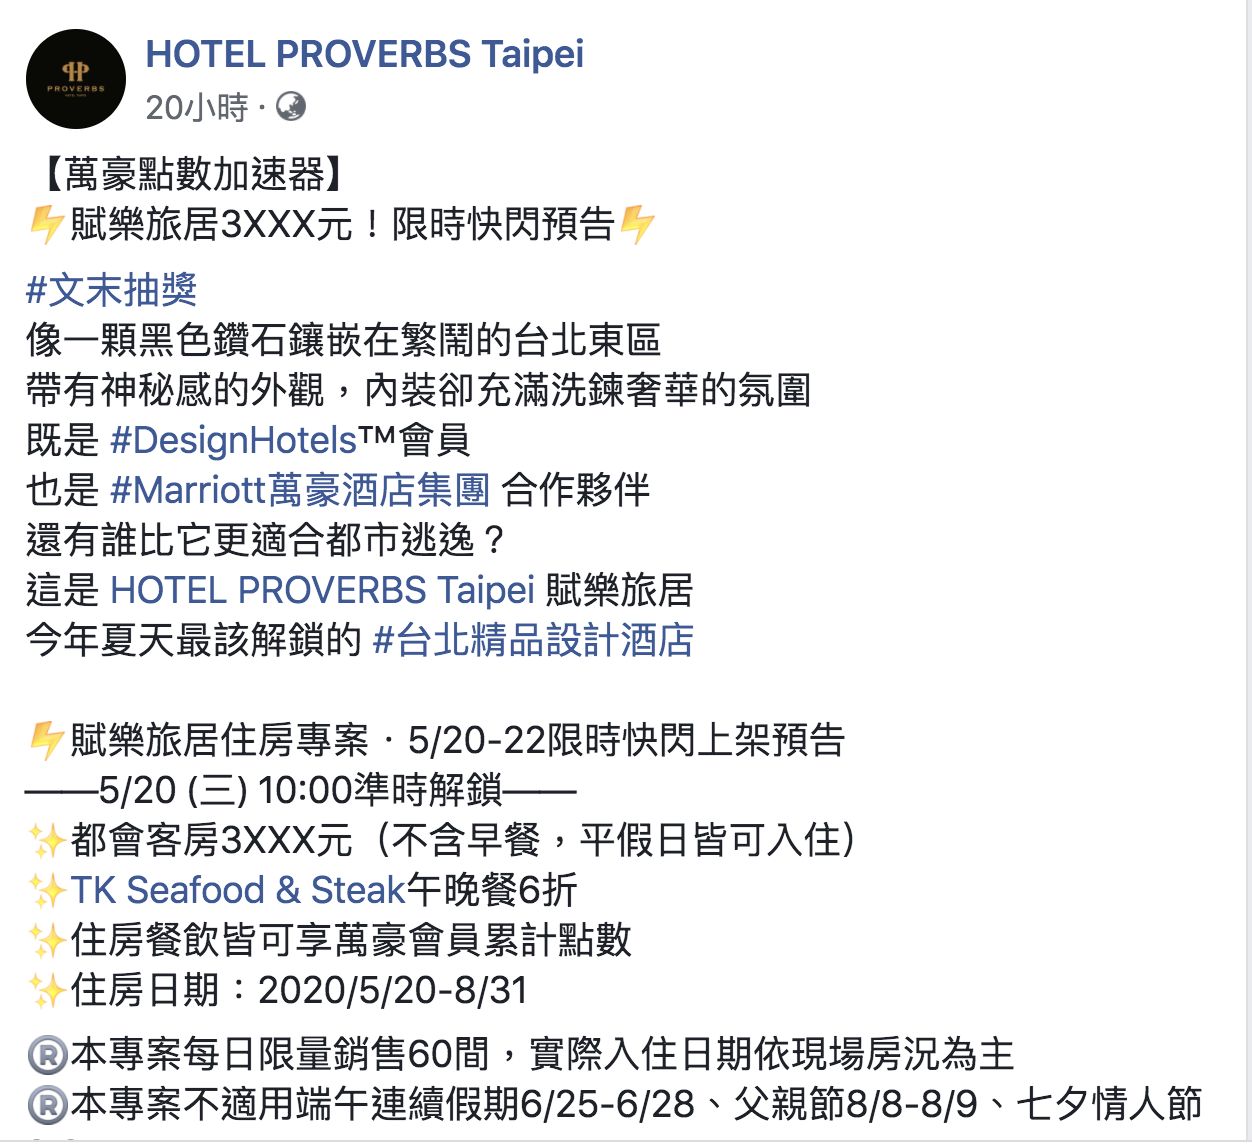 台北超質感飯店促銷,3XXX可入住!可SNP、太狂工業風、電影看到飽、mini bar吃到飽~